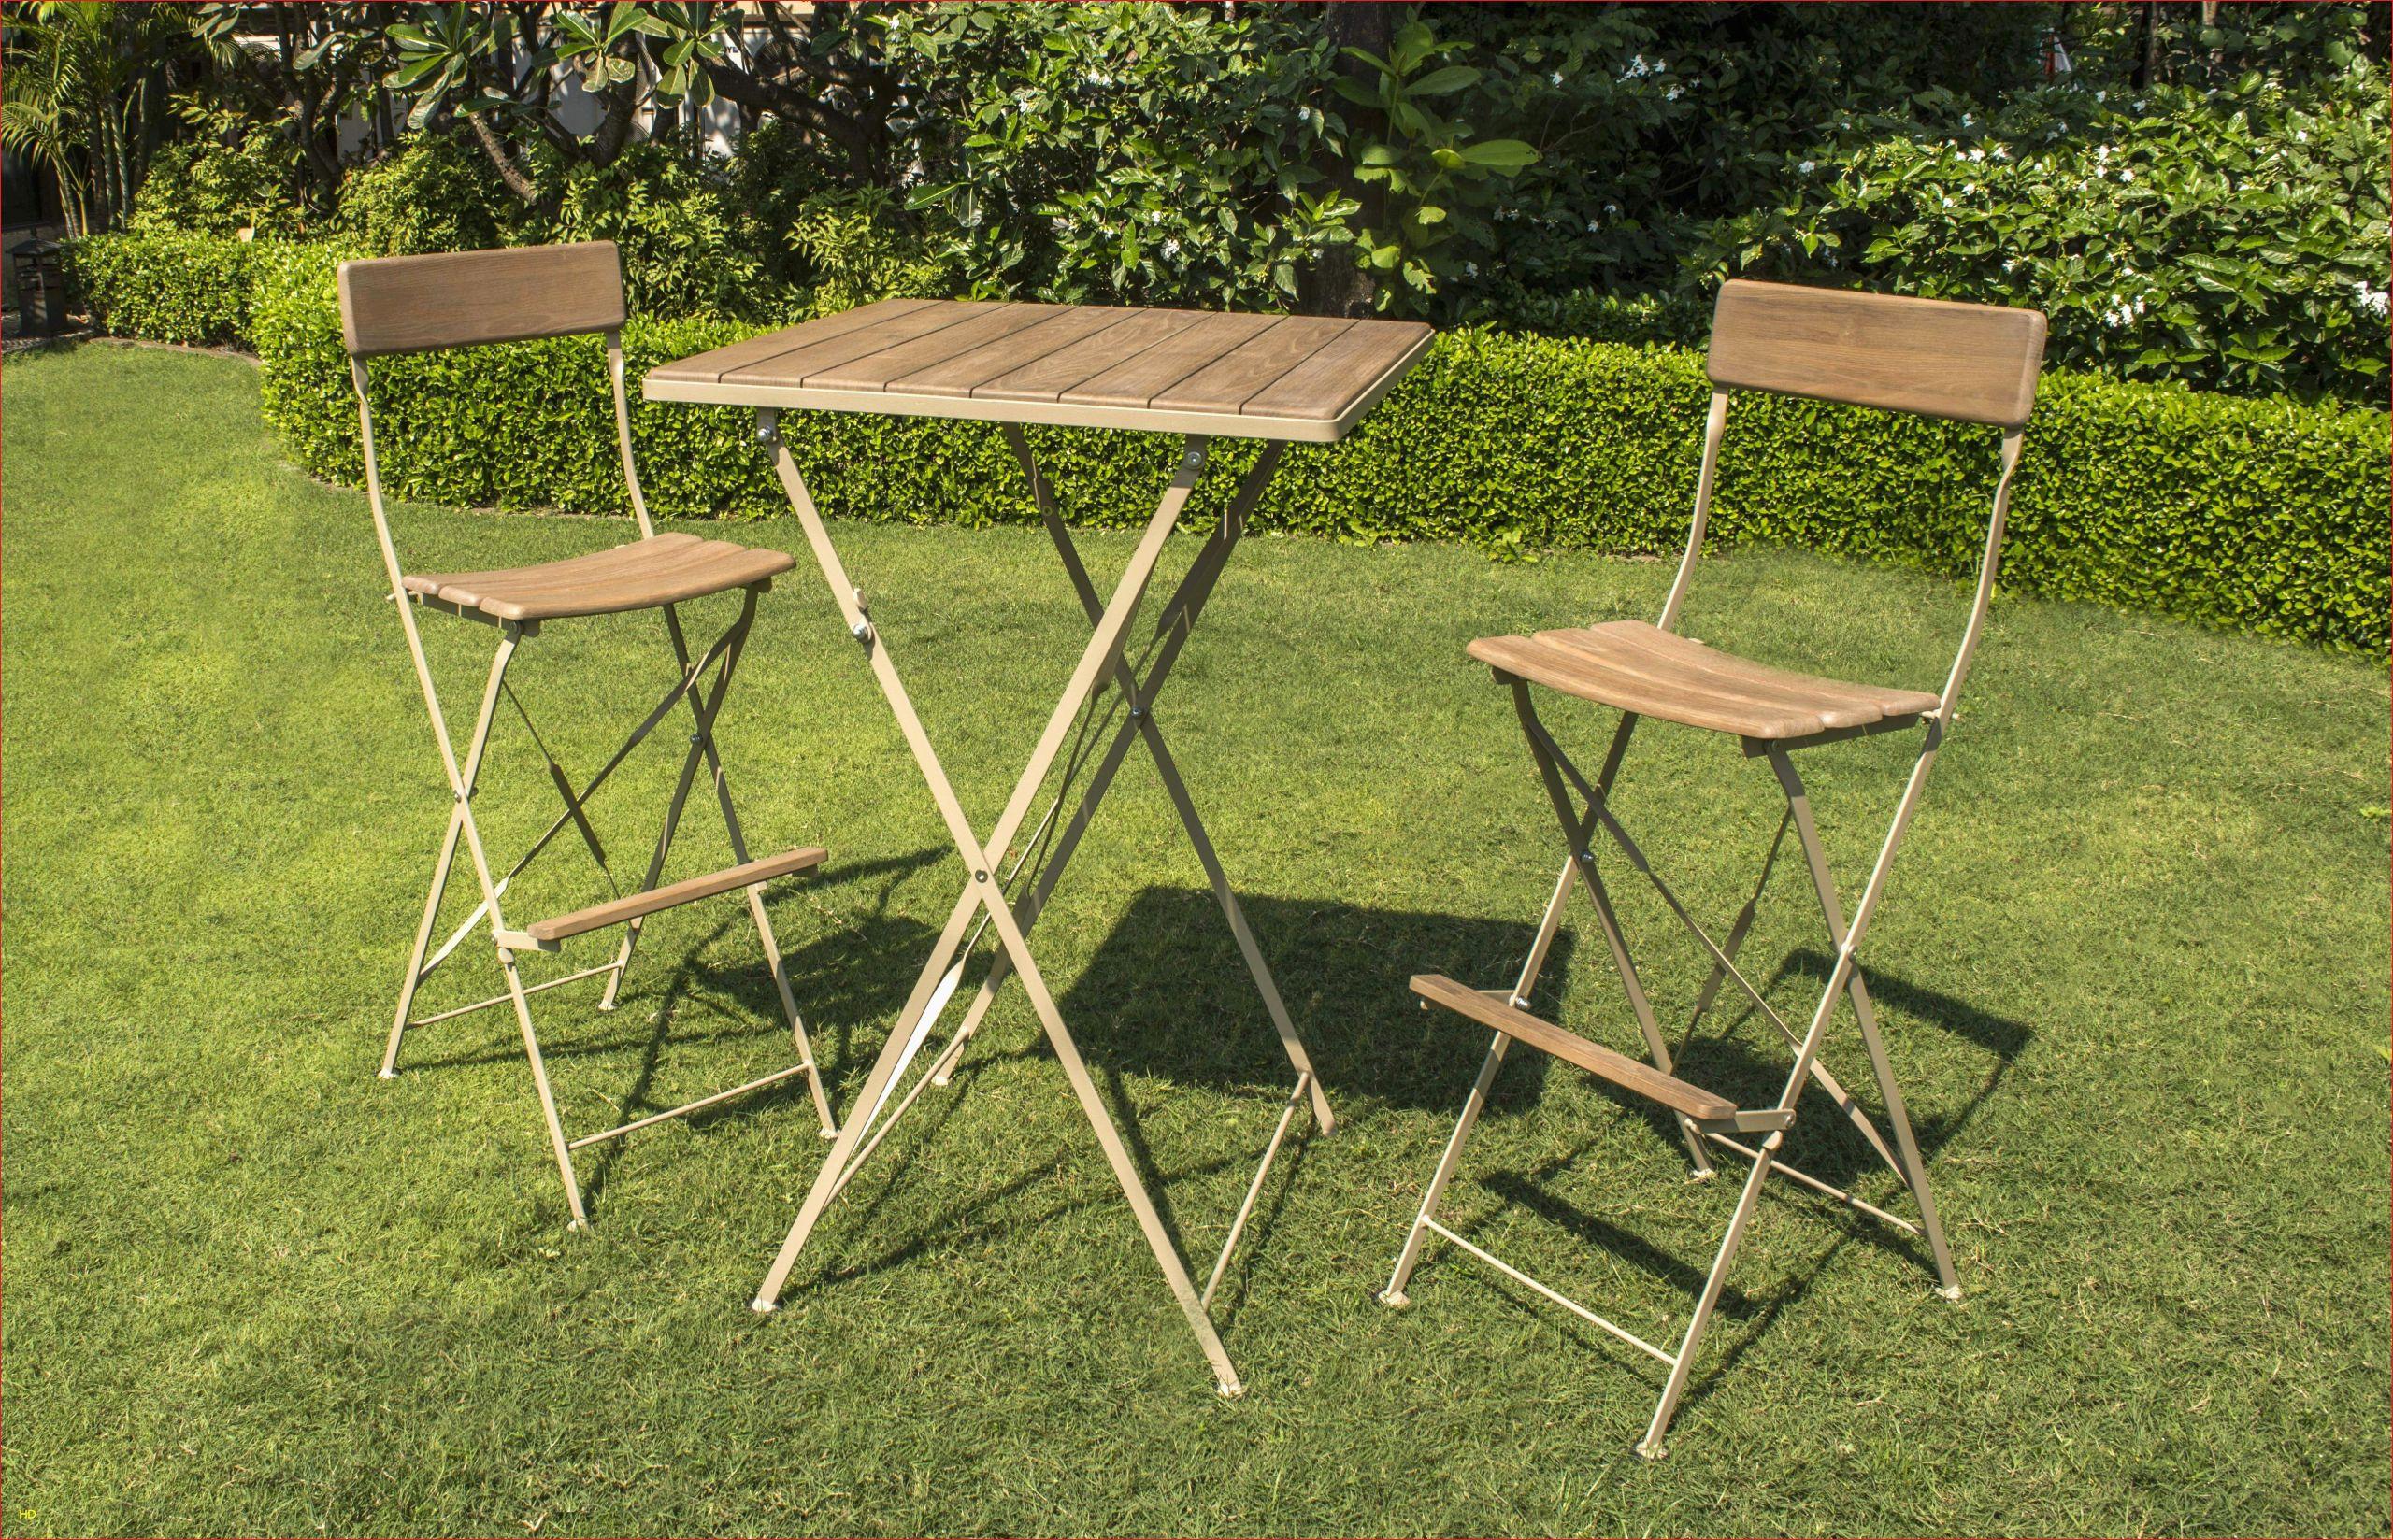 21 Charmant Table Banc Bois Exterieur | Salon Jardin tout Table Jardin Bois Enfant